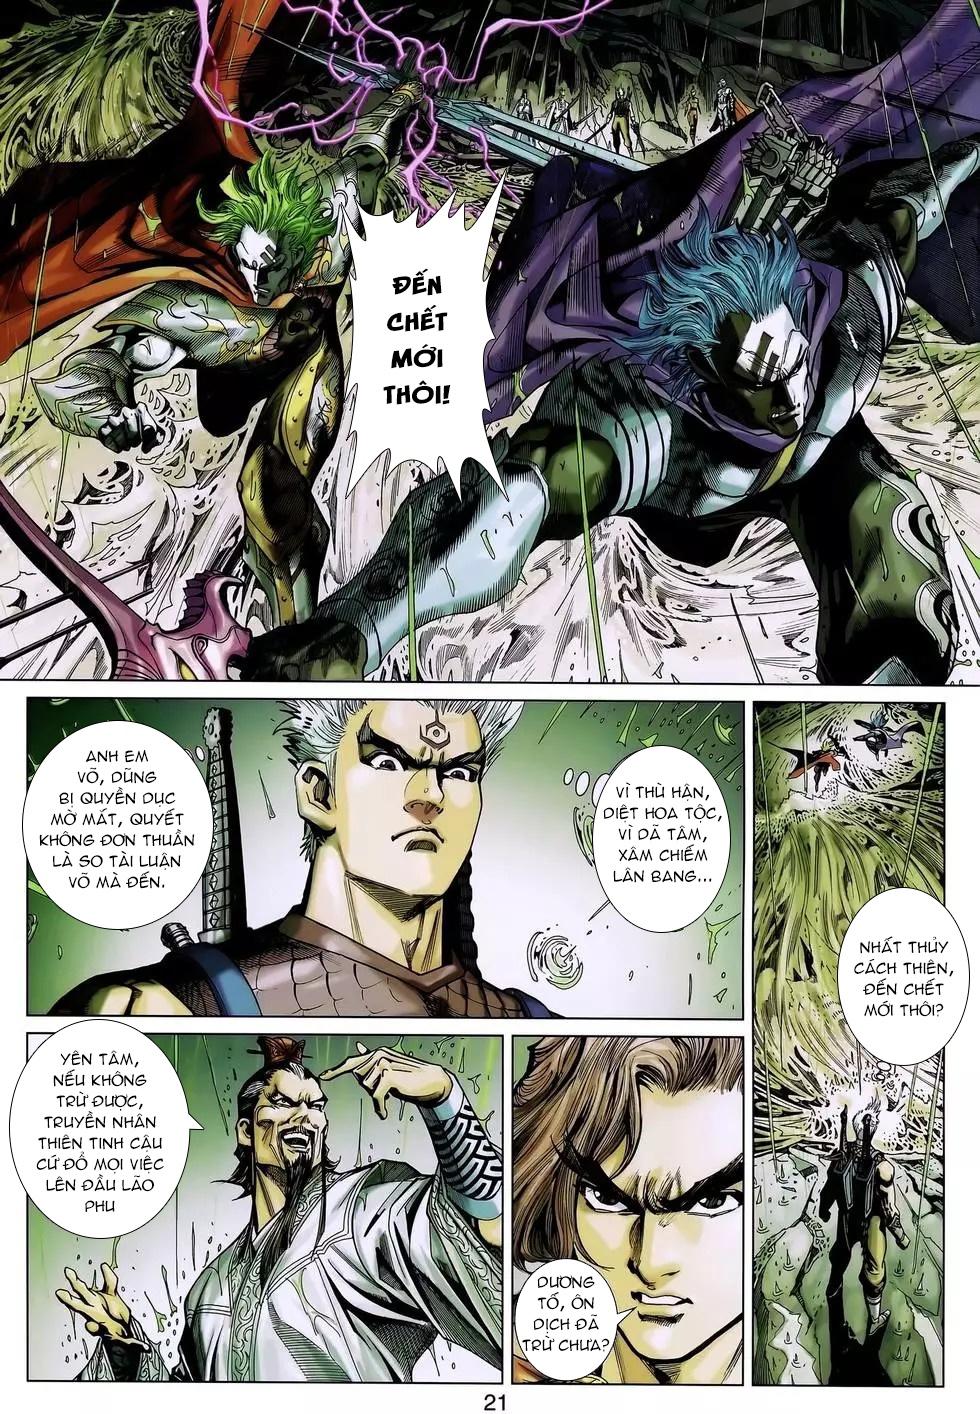 Thần binh huyền kỳ 3 - 3.5 tập 185 - 6